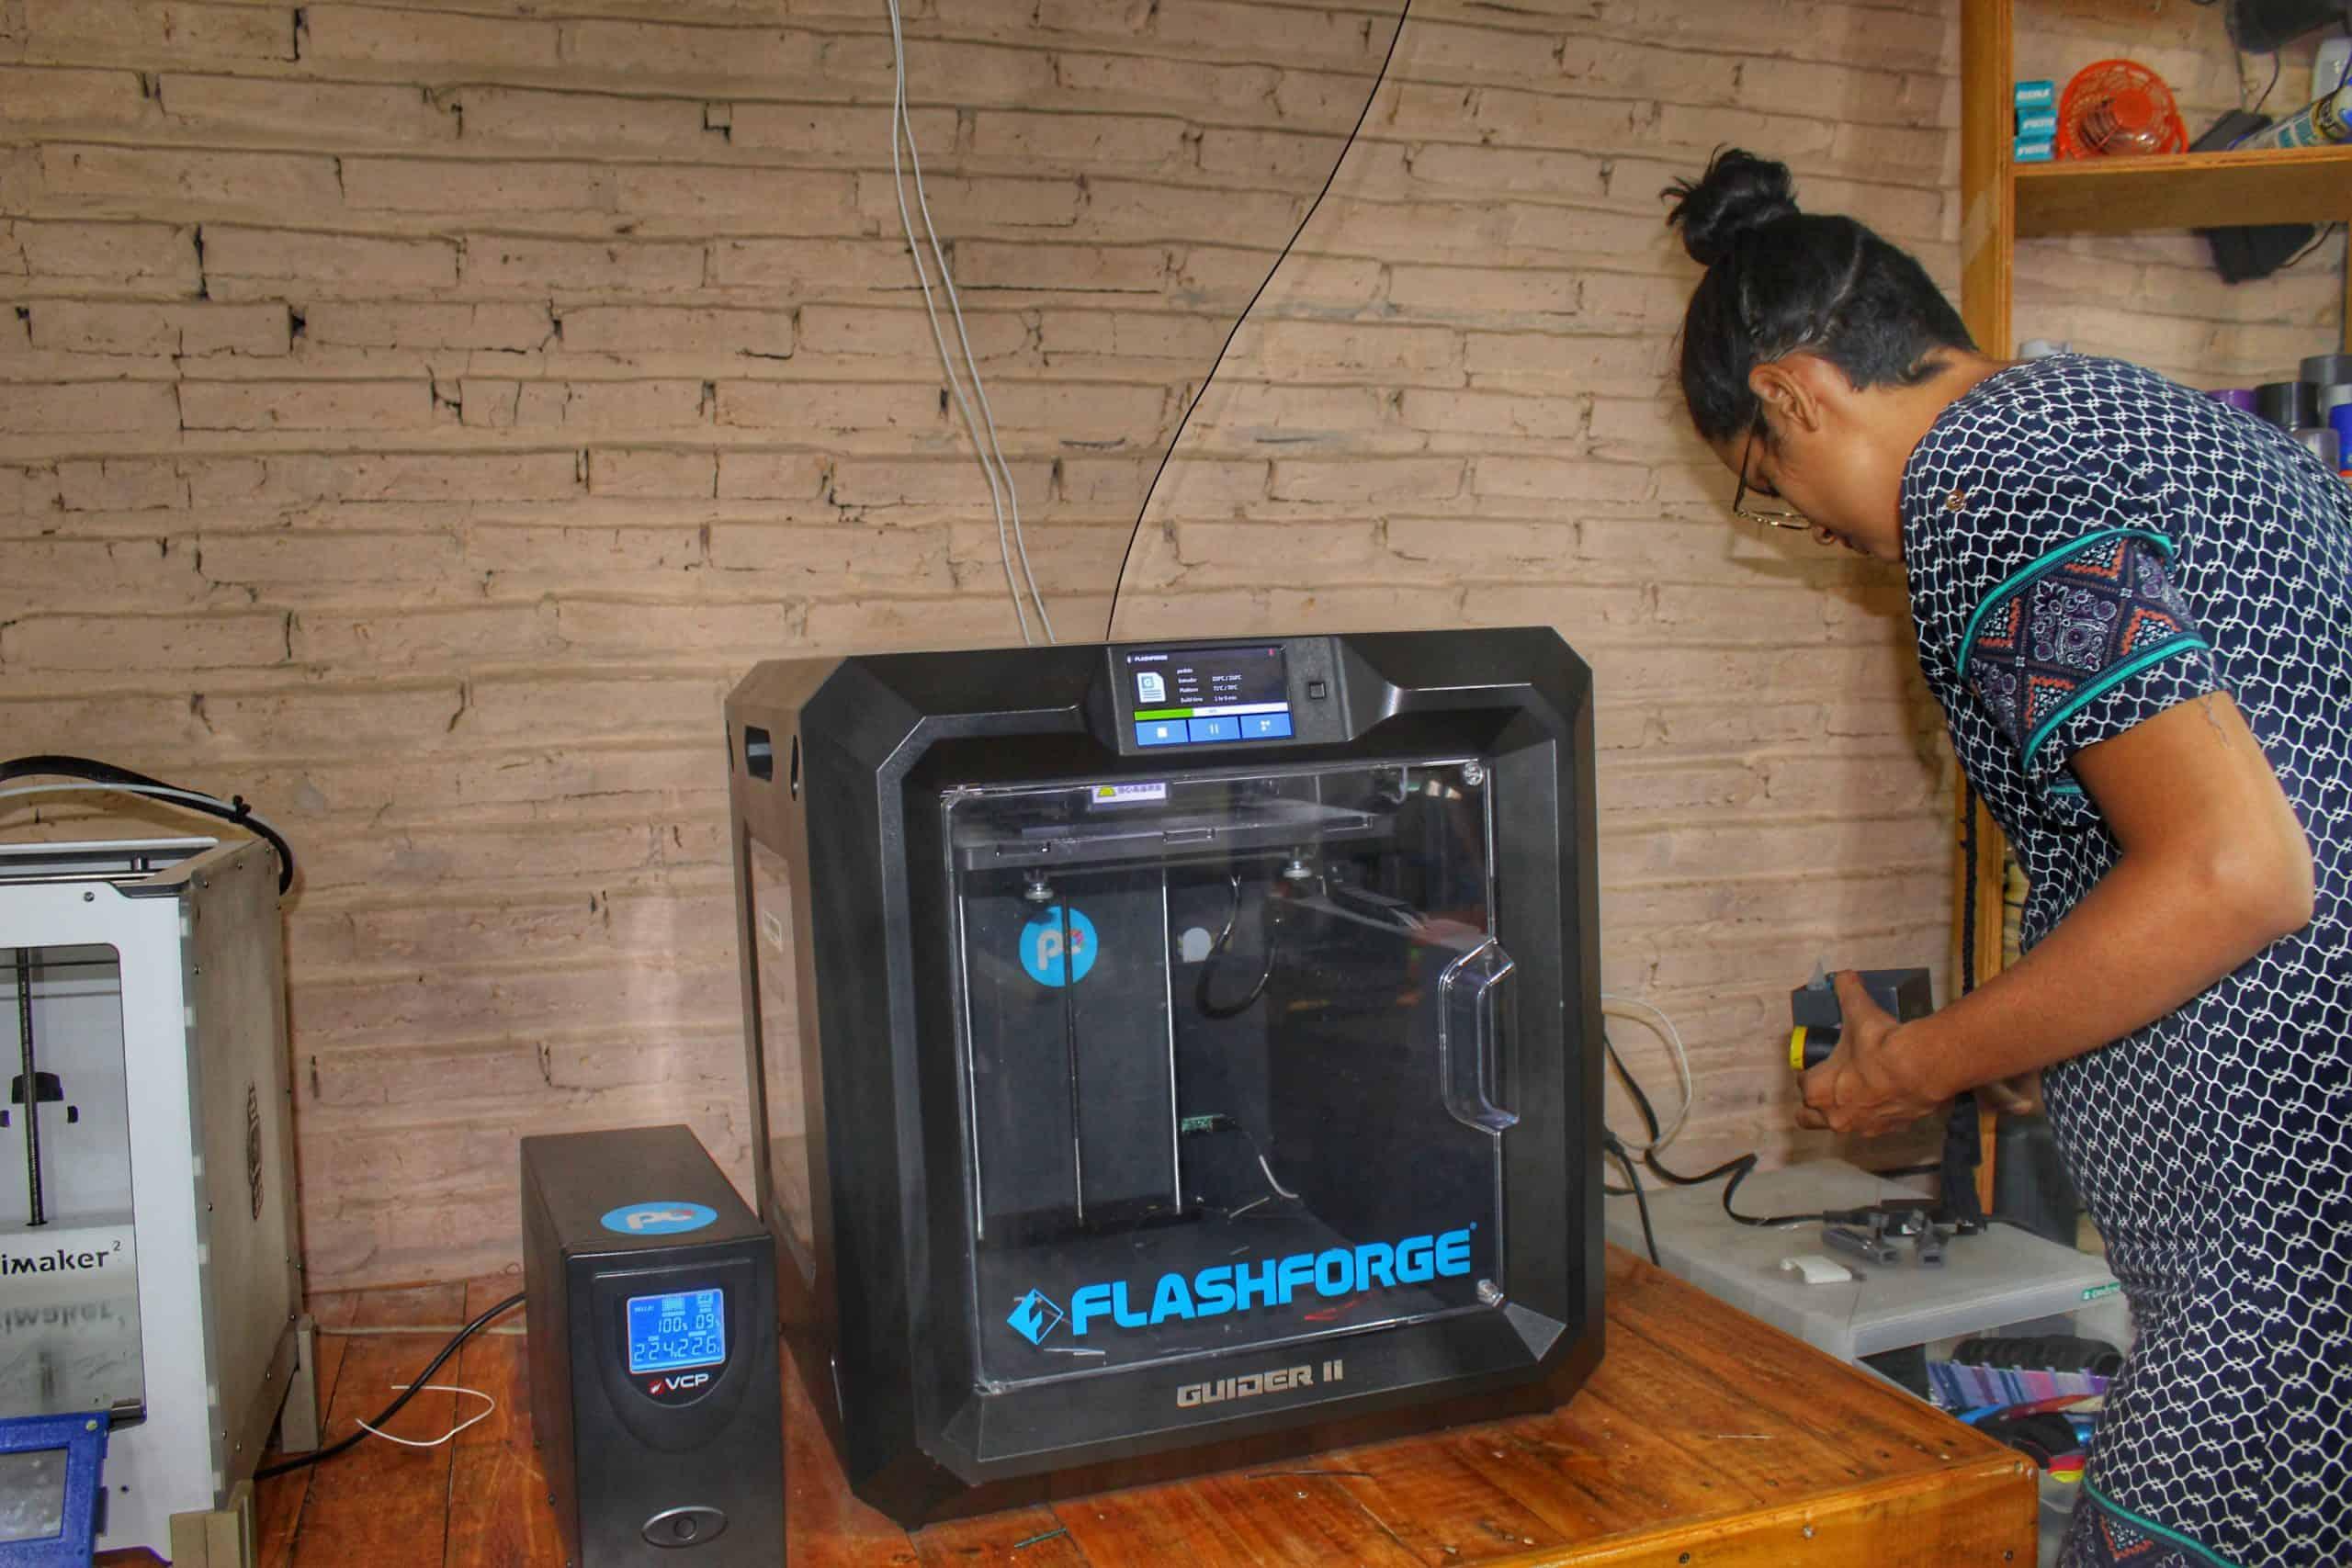 Impresión 3D: ¿una solución a la pandemia?